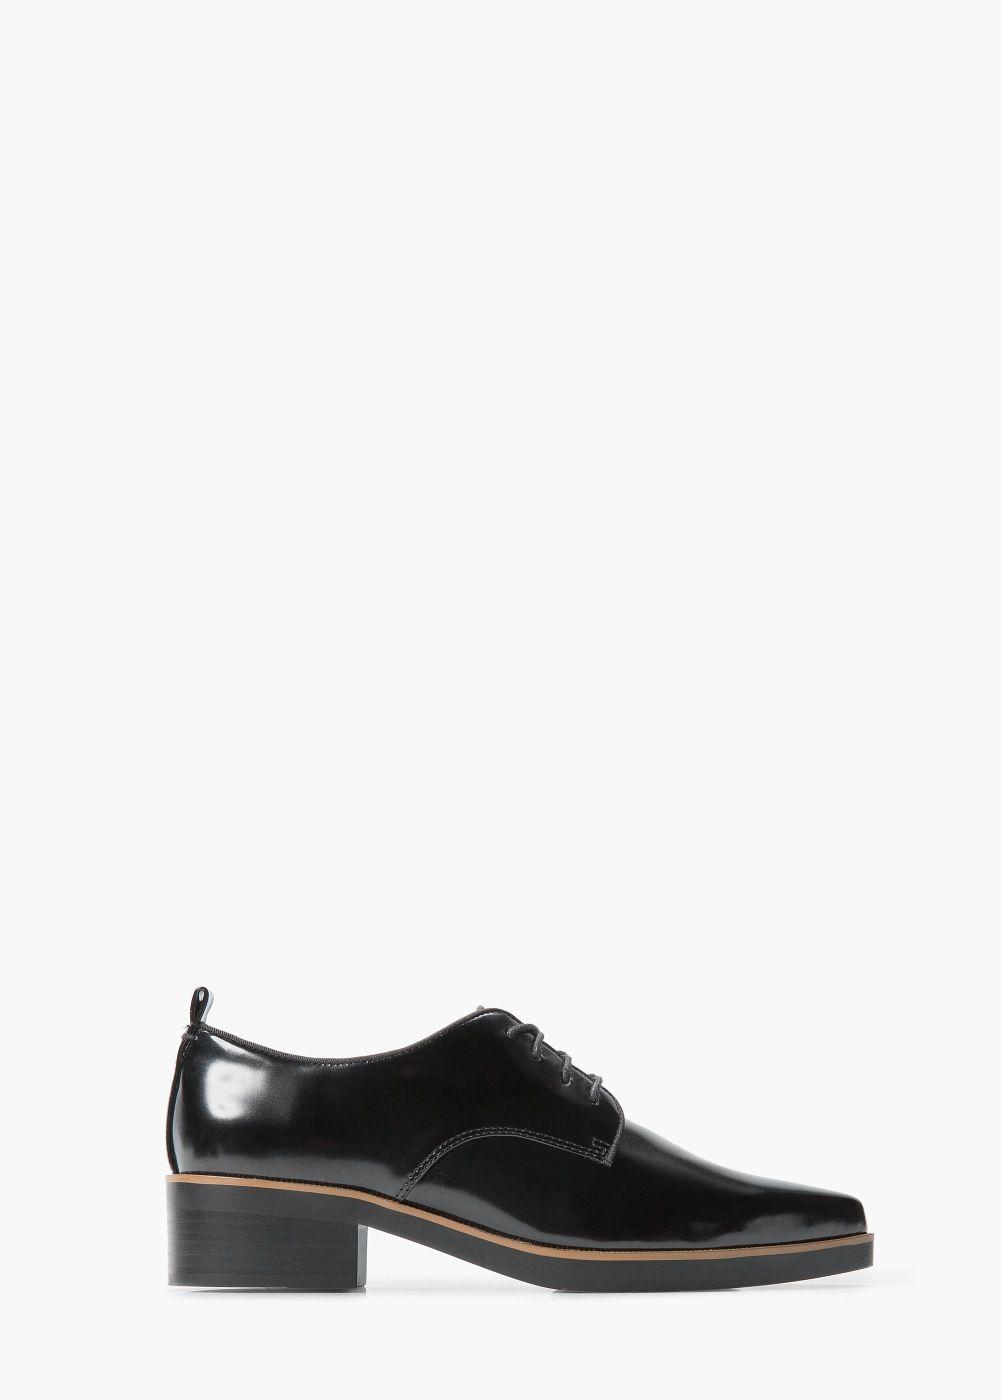 cc02cba3544 Zapato oxford cordones - Mujer   zapatos   Zapatos oxford, Zapatos y ...